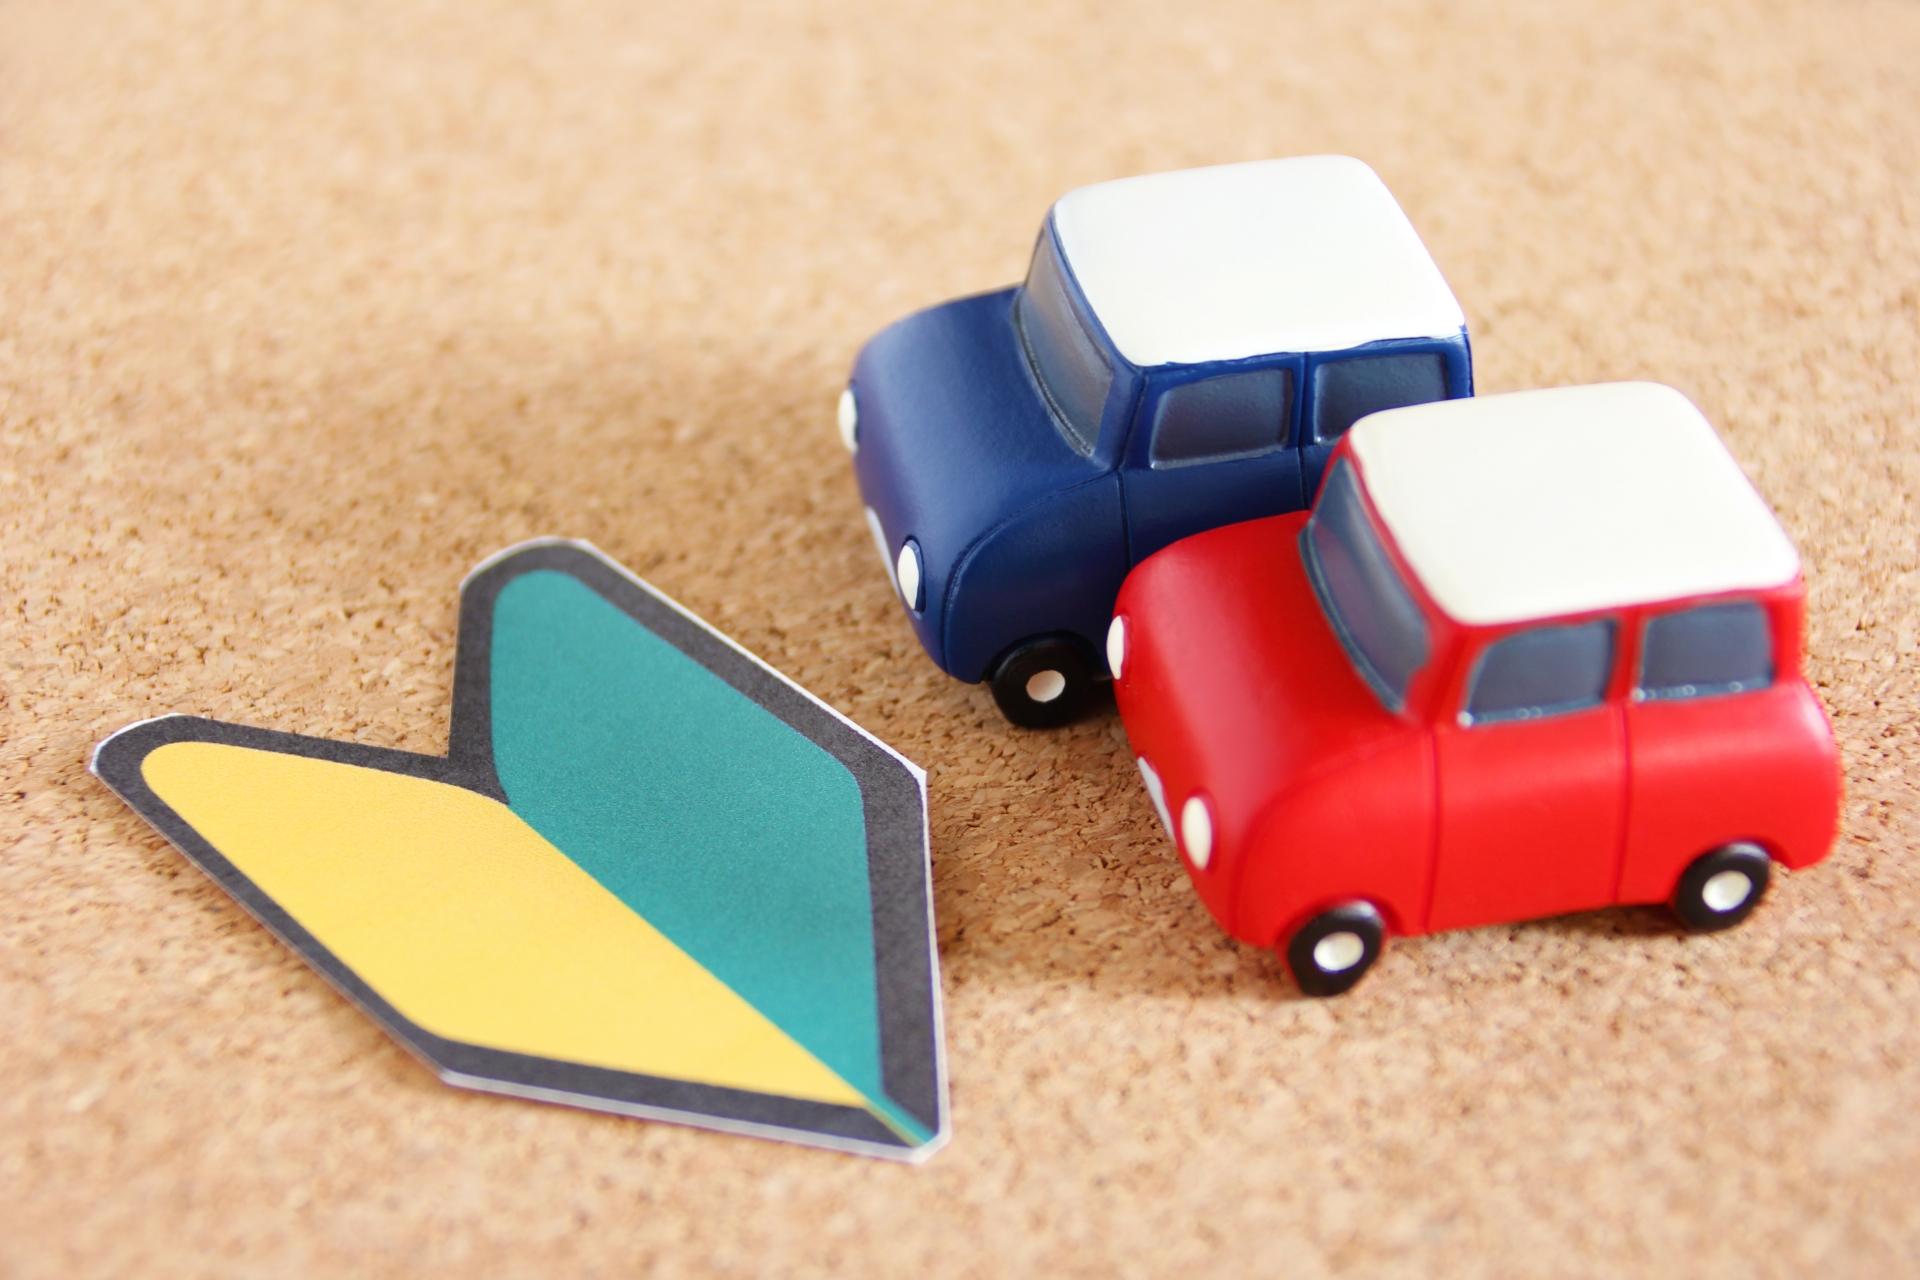 新型コロナで増えるマイカー利用!ペーパードライバーが安全運転を徹底するには